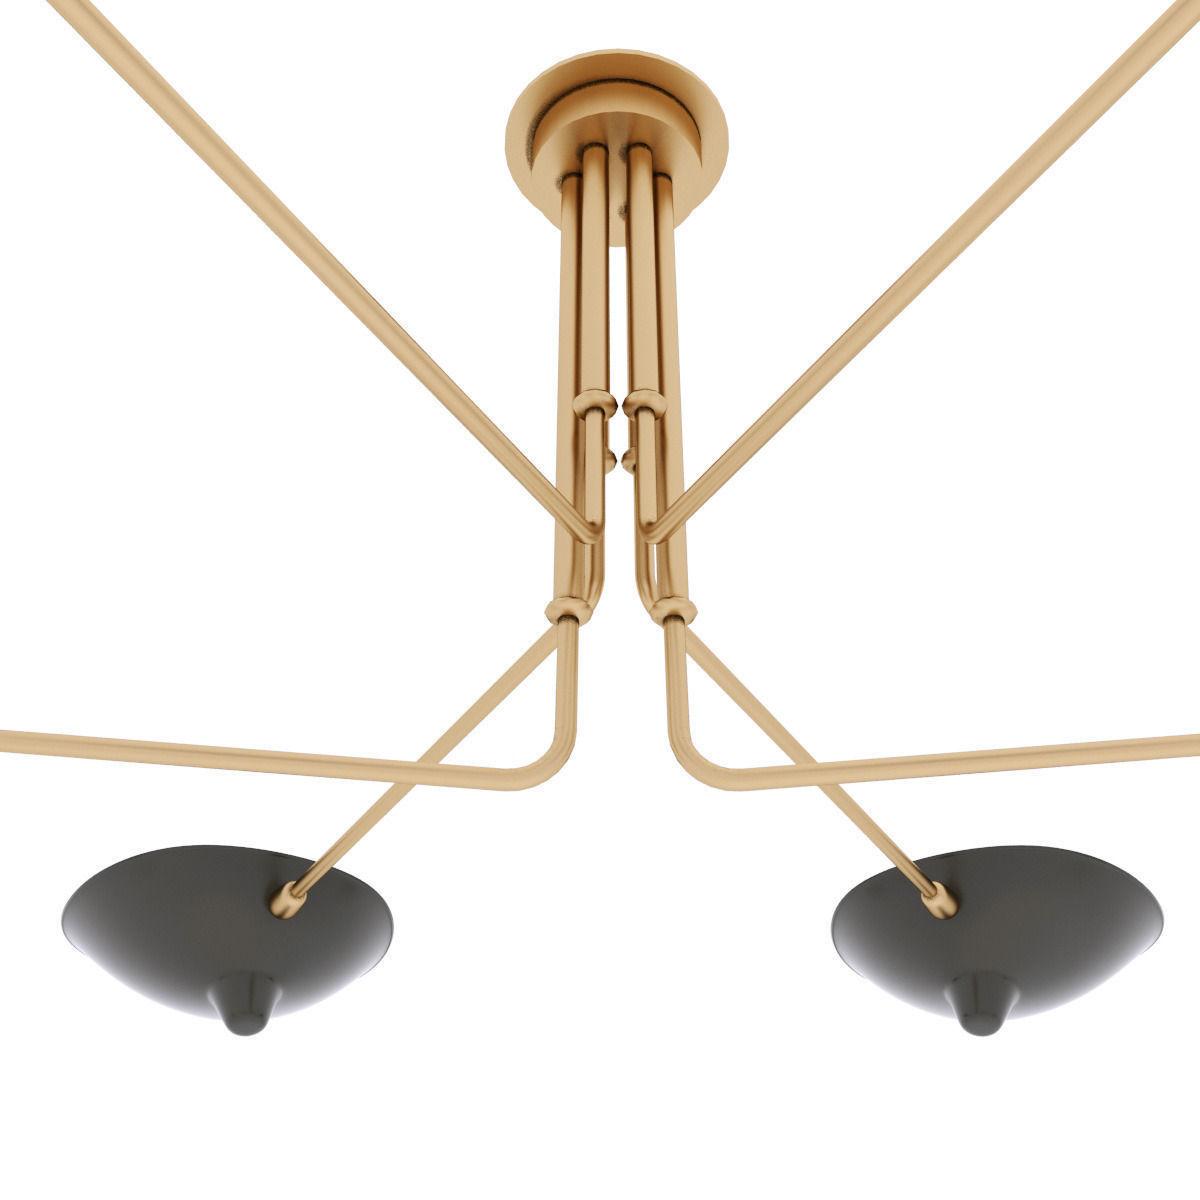 serge mouille chandelie 6 arms 3d model max obj 3ds fbx mtl. Black Bedroom Furniture Sets. Home Design Ideas